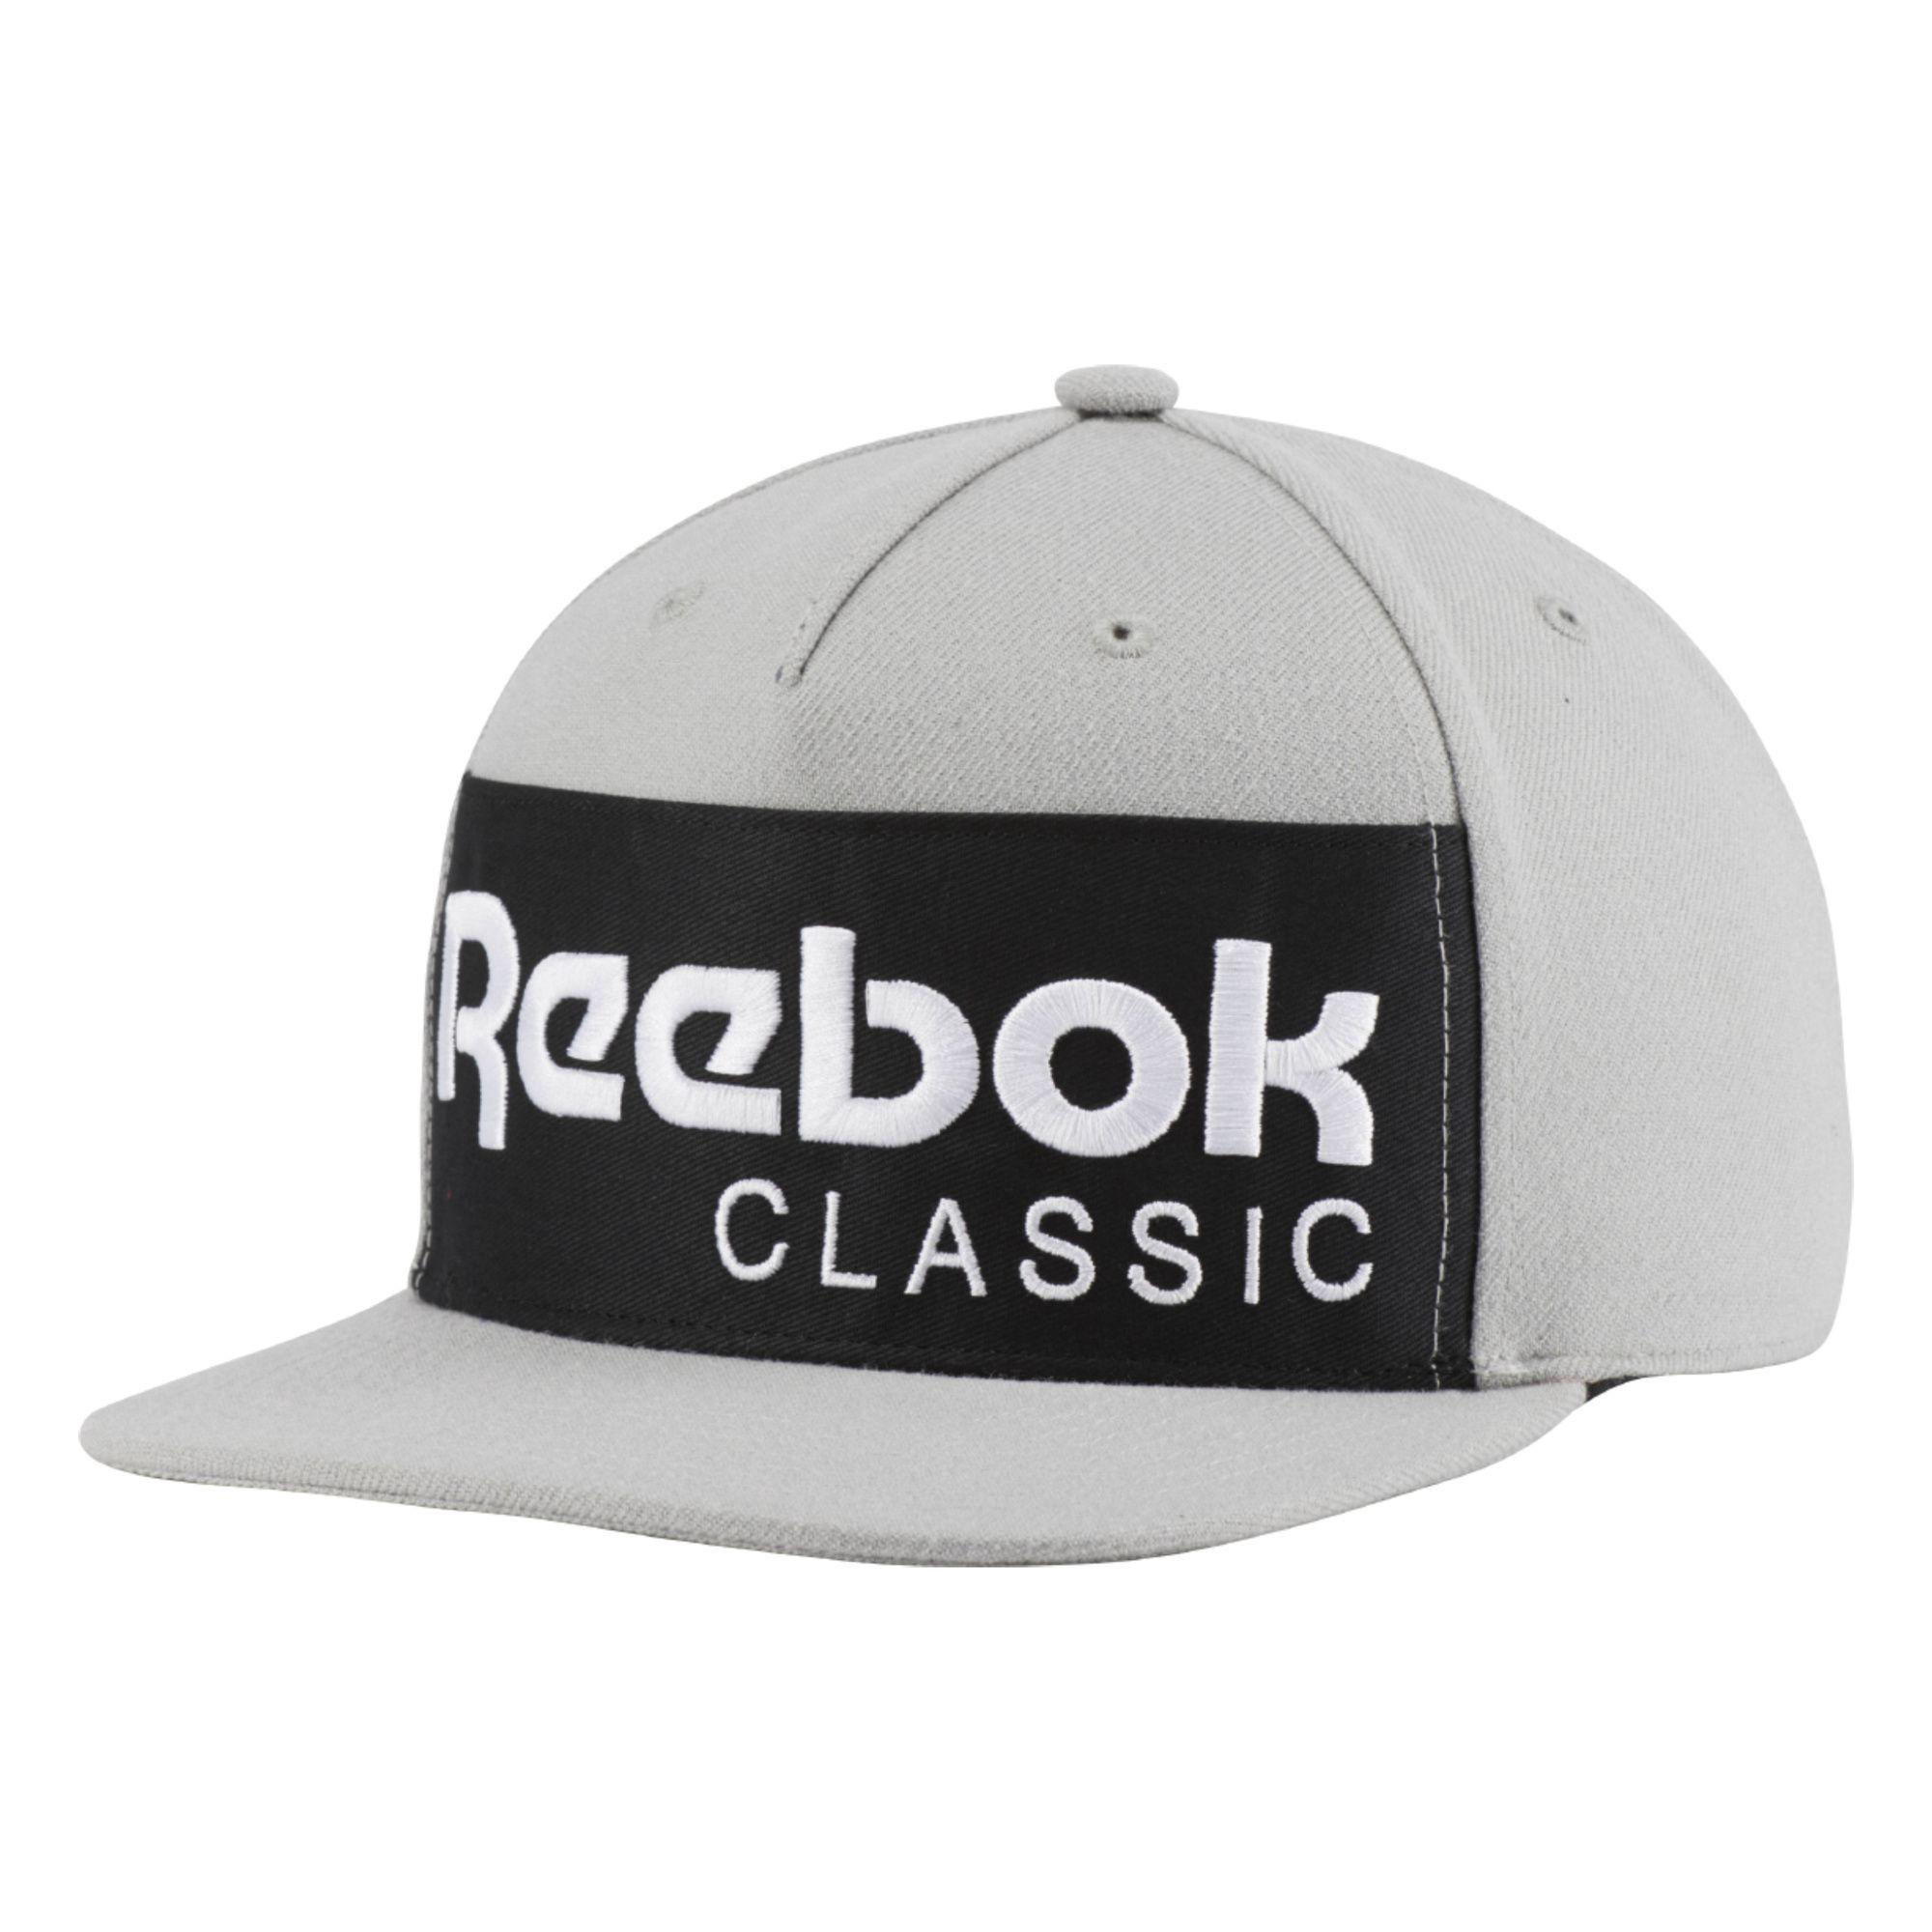 672bdf548a1 Reebok Classics Foundation Hat - Mgh Solid Grey   Black M-58